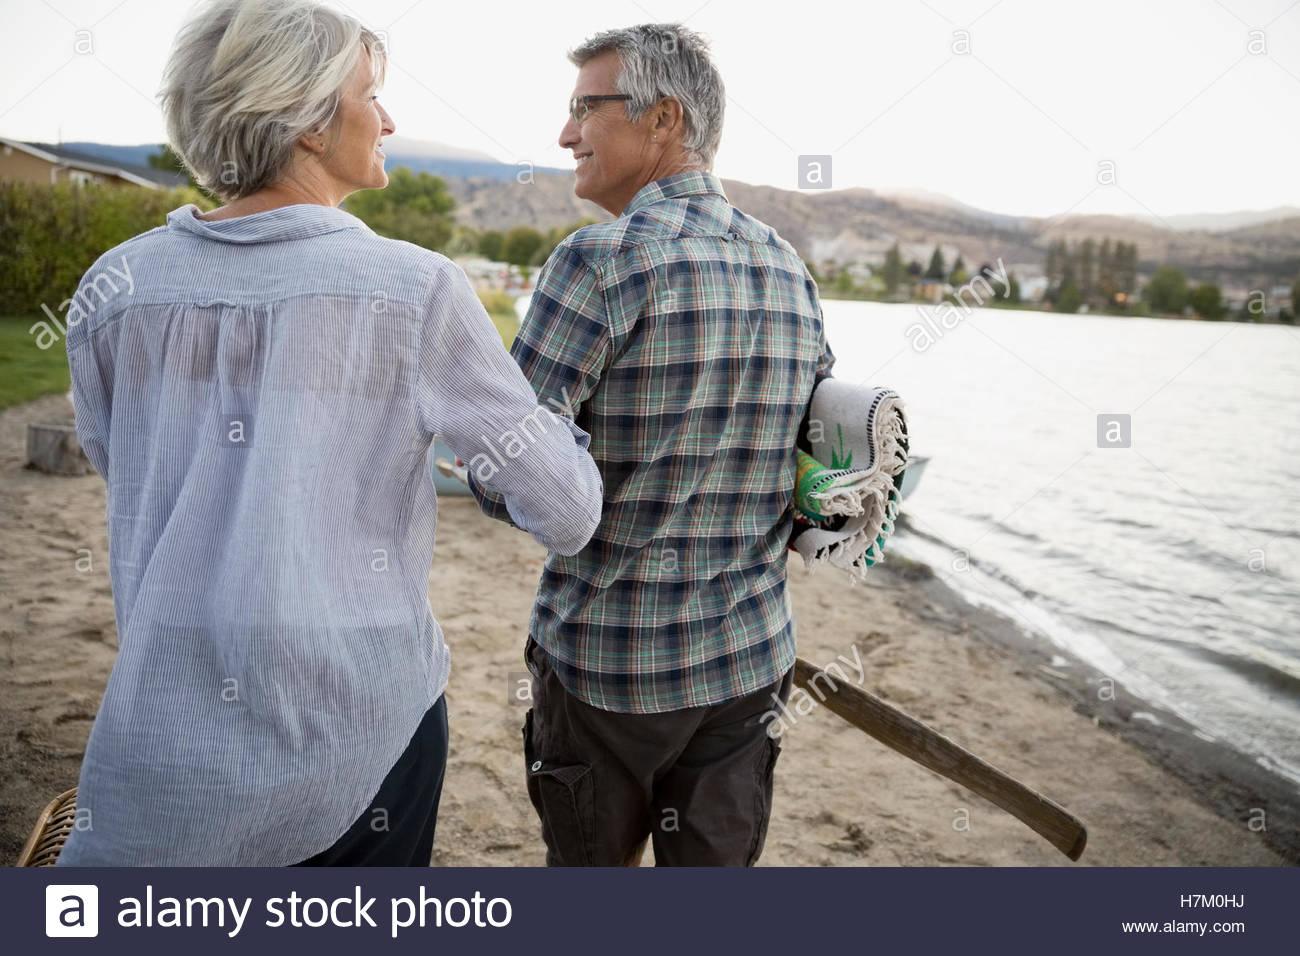 Pareja de jubilados caminando del brazo en el lago playa Imagen De Stock